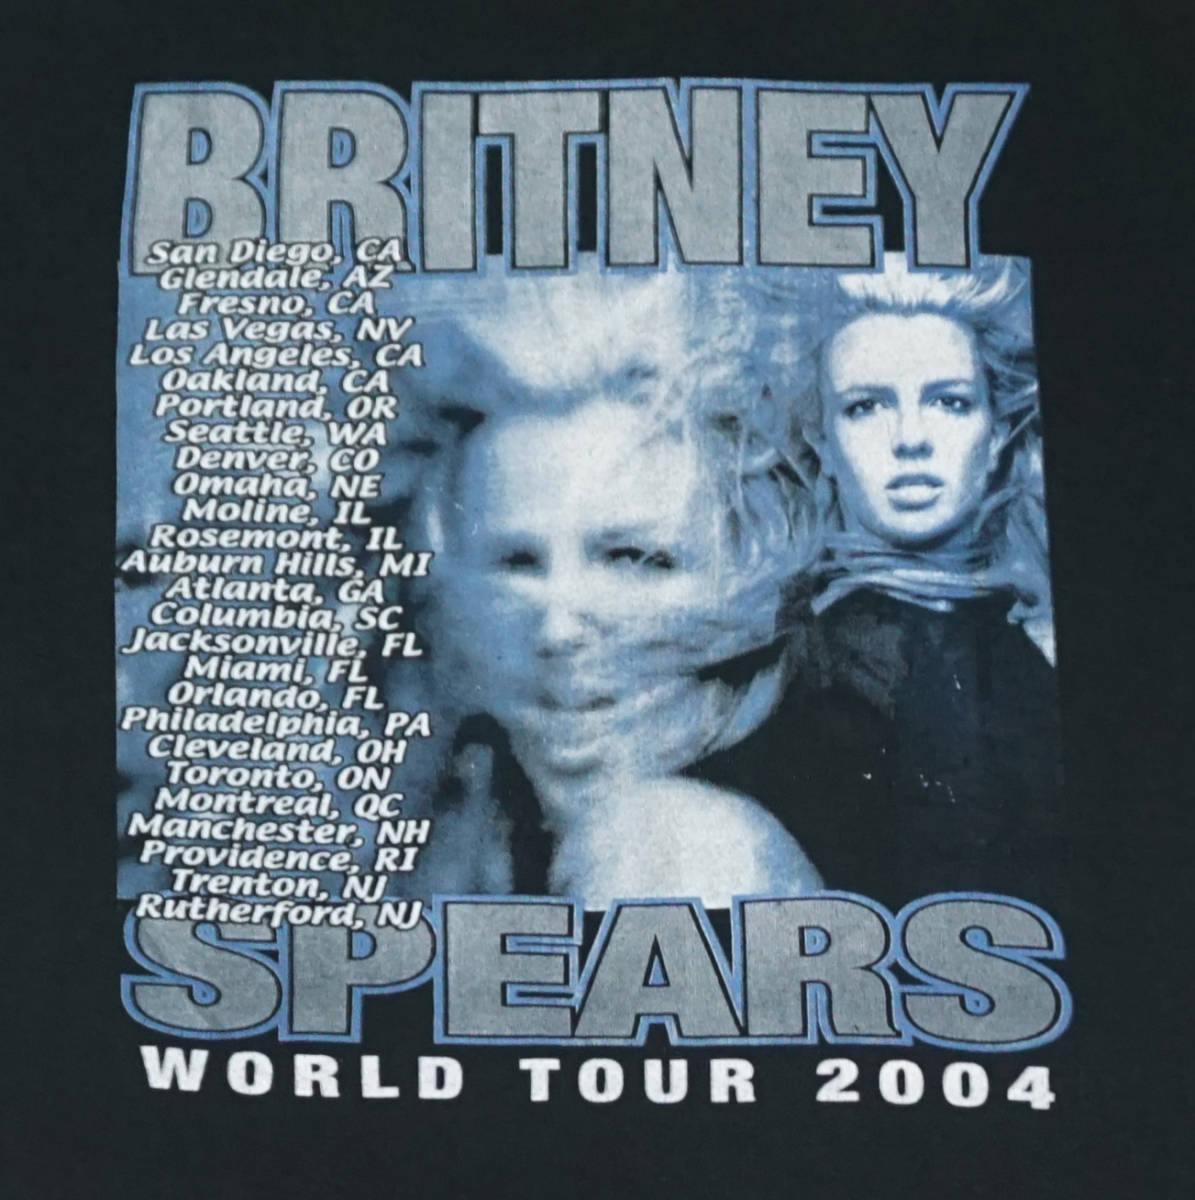 激レア! 2004 BRITNEY SPEARS ツアー Tシャツ JANET JACKSON RIHANNA LIL KIM AALIYAH MARIAH CAREY BRANDY NICHKI MINAG KATY PERRY_画像5